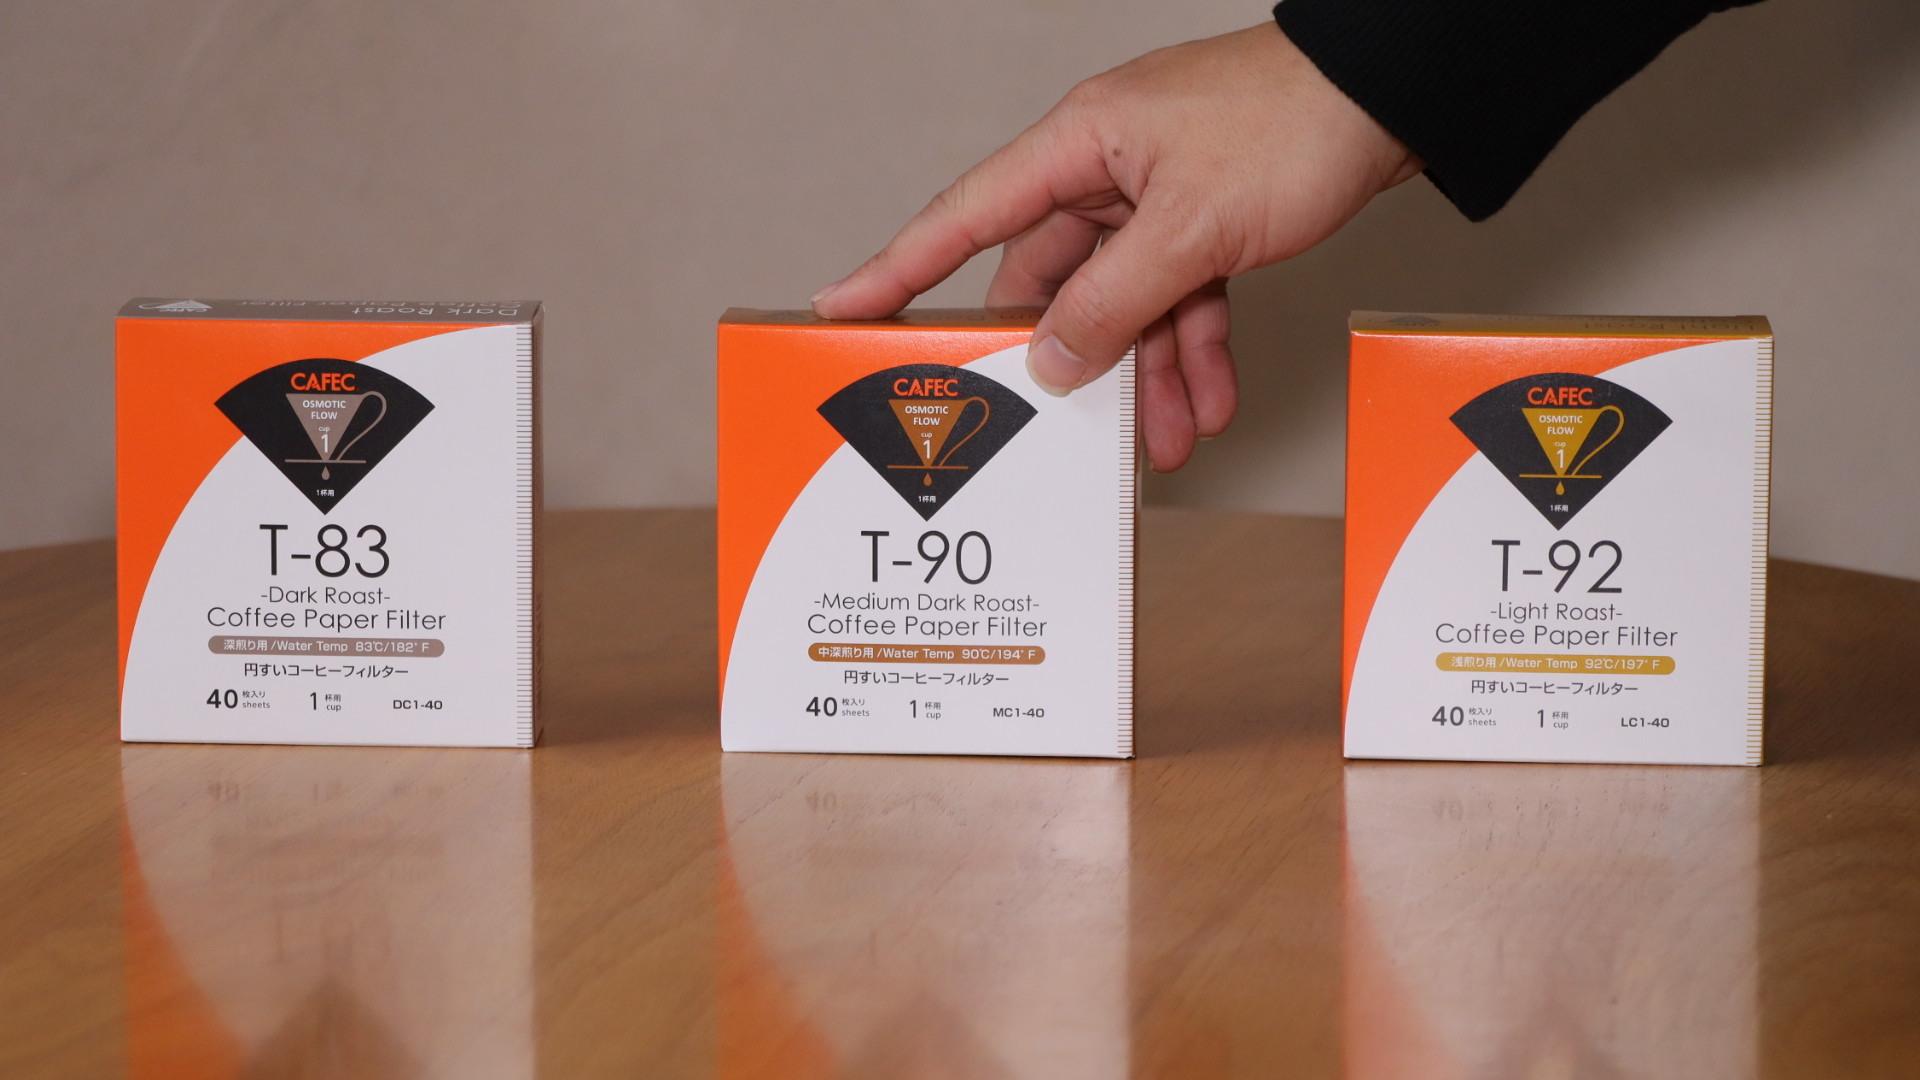 (1-2杯用)焙煎度別ペーパーフィルターお試し3種類セット